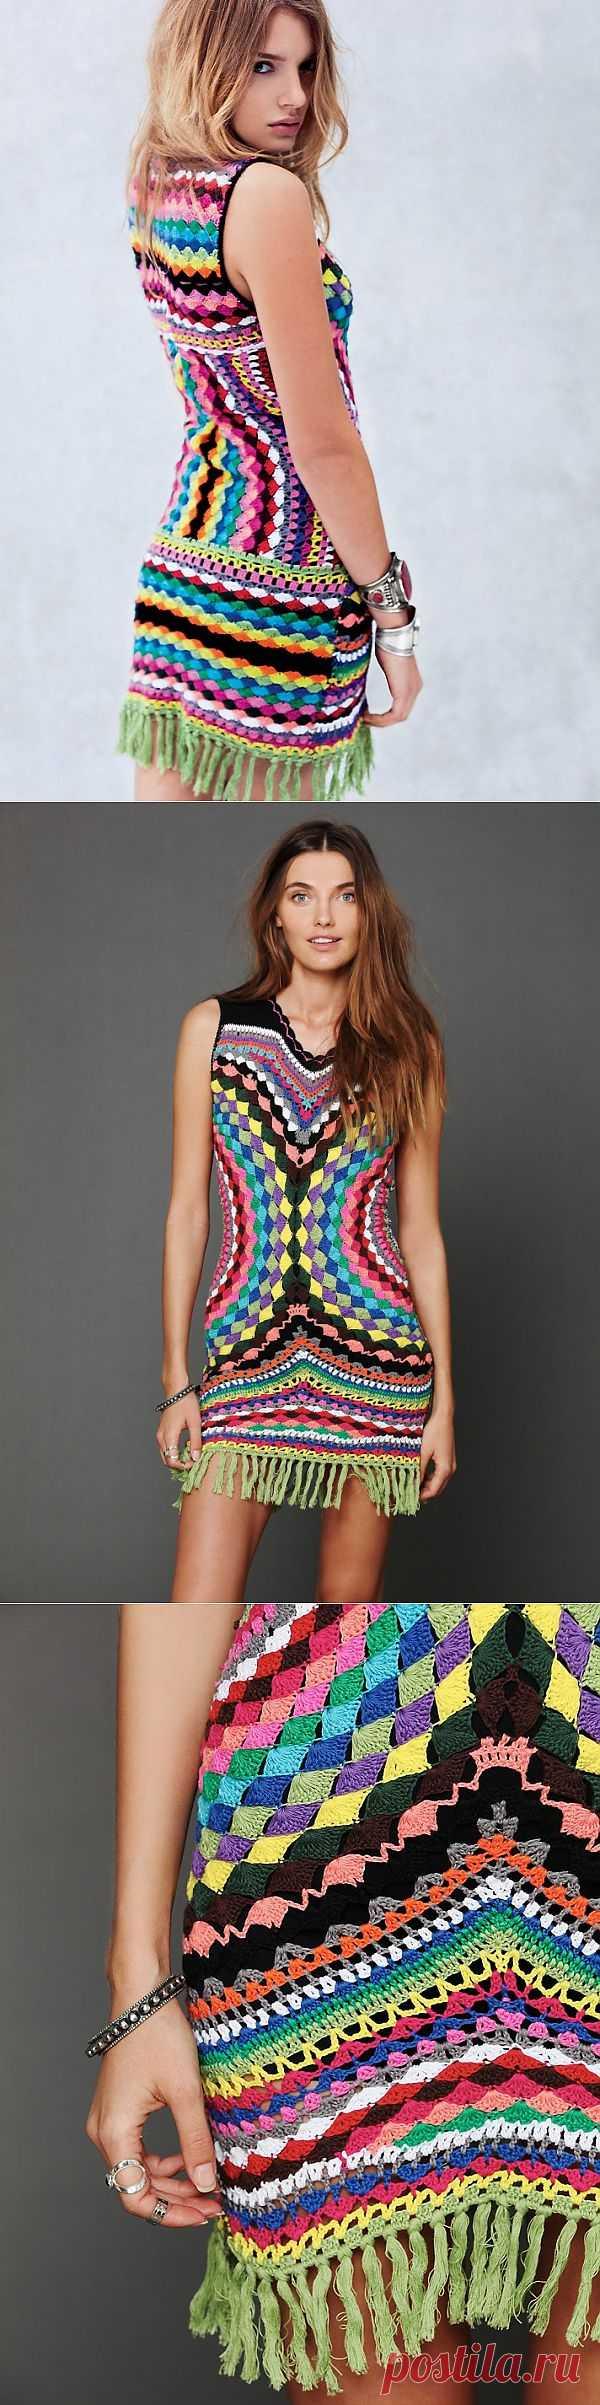 Винтажное платье от Free People / Вязание / Модный сайт о стильной переделке одежды и интерьера